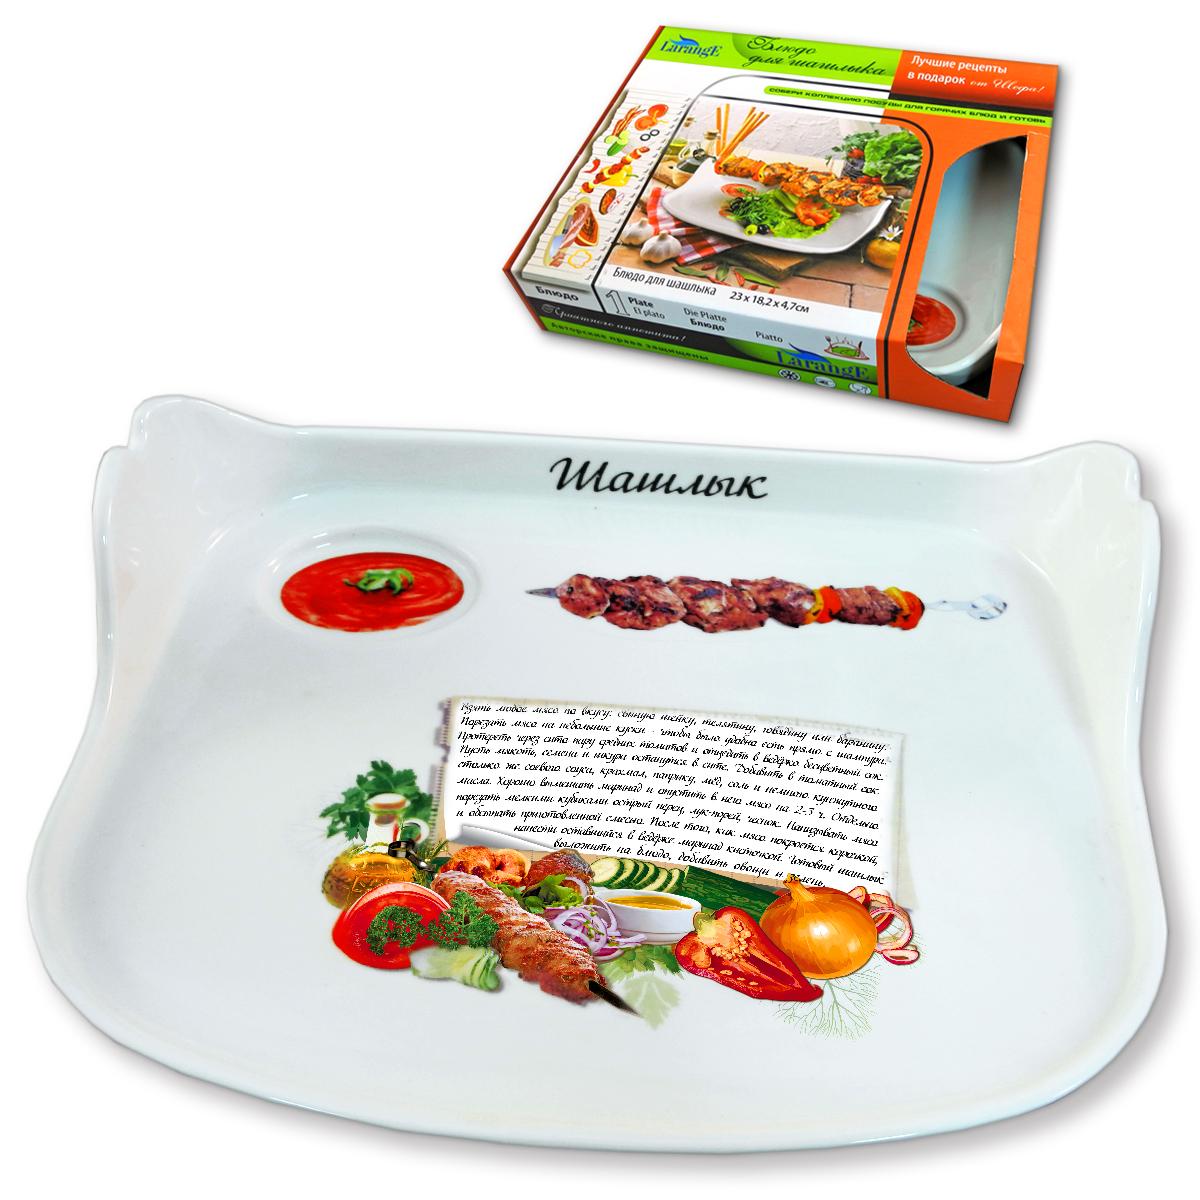 Блюдо для шашлыка LarangE Микс-шашлык, 24,5 х 20 х 4 см115510Блюдо LarangE Микс-шашлык, выполненное из высококачественного фарфора, порадует вас изящным дизайном и практичностью. Блюдо имеет дополнительное отделение для кетчупа. Стенки блюда декорированы изображением шашлыка. Кроме того, для упрощения процесса приготовления на стенках написан рецепт. В комплект прилагается небольшой буклет с рецептами любимых блюд.Такое блюдо украсит ваш праздничный или обеденный стол, а оригинальное исполнение понравится любой хозяйке.Можно использовать в микроволновой печи, духовом шкафу, посудомоечной машине, холодильнике. Не применять абразивные чистящие вещества.